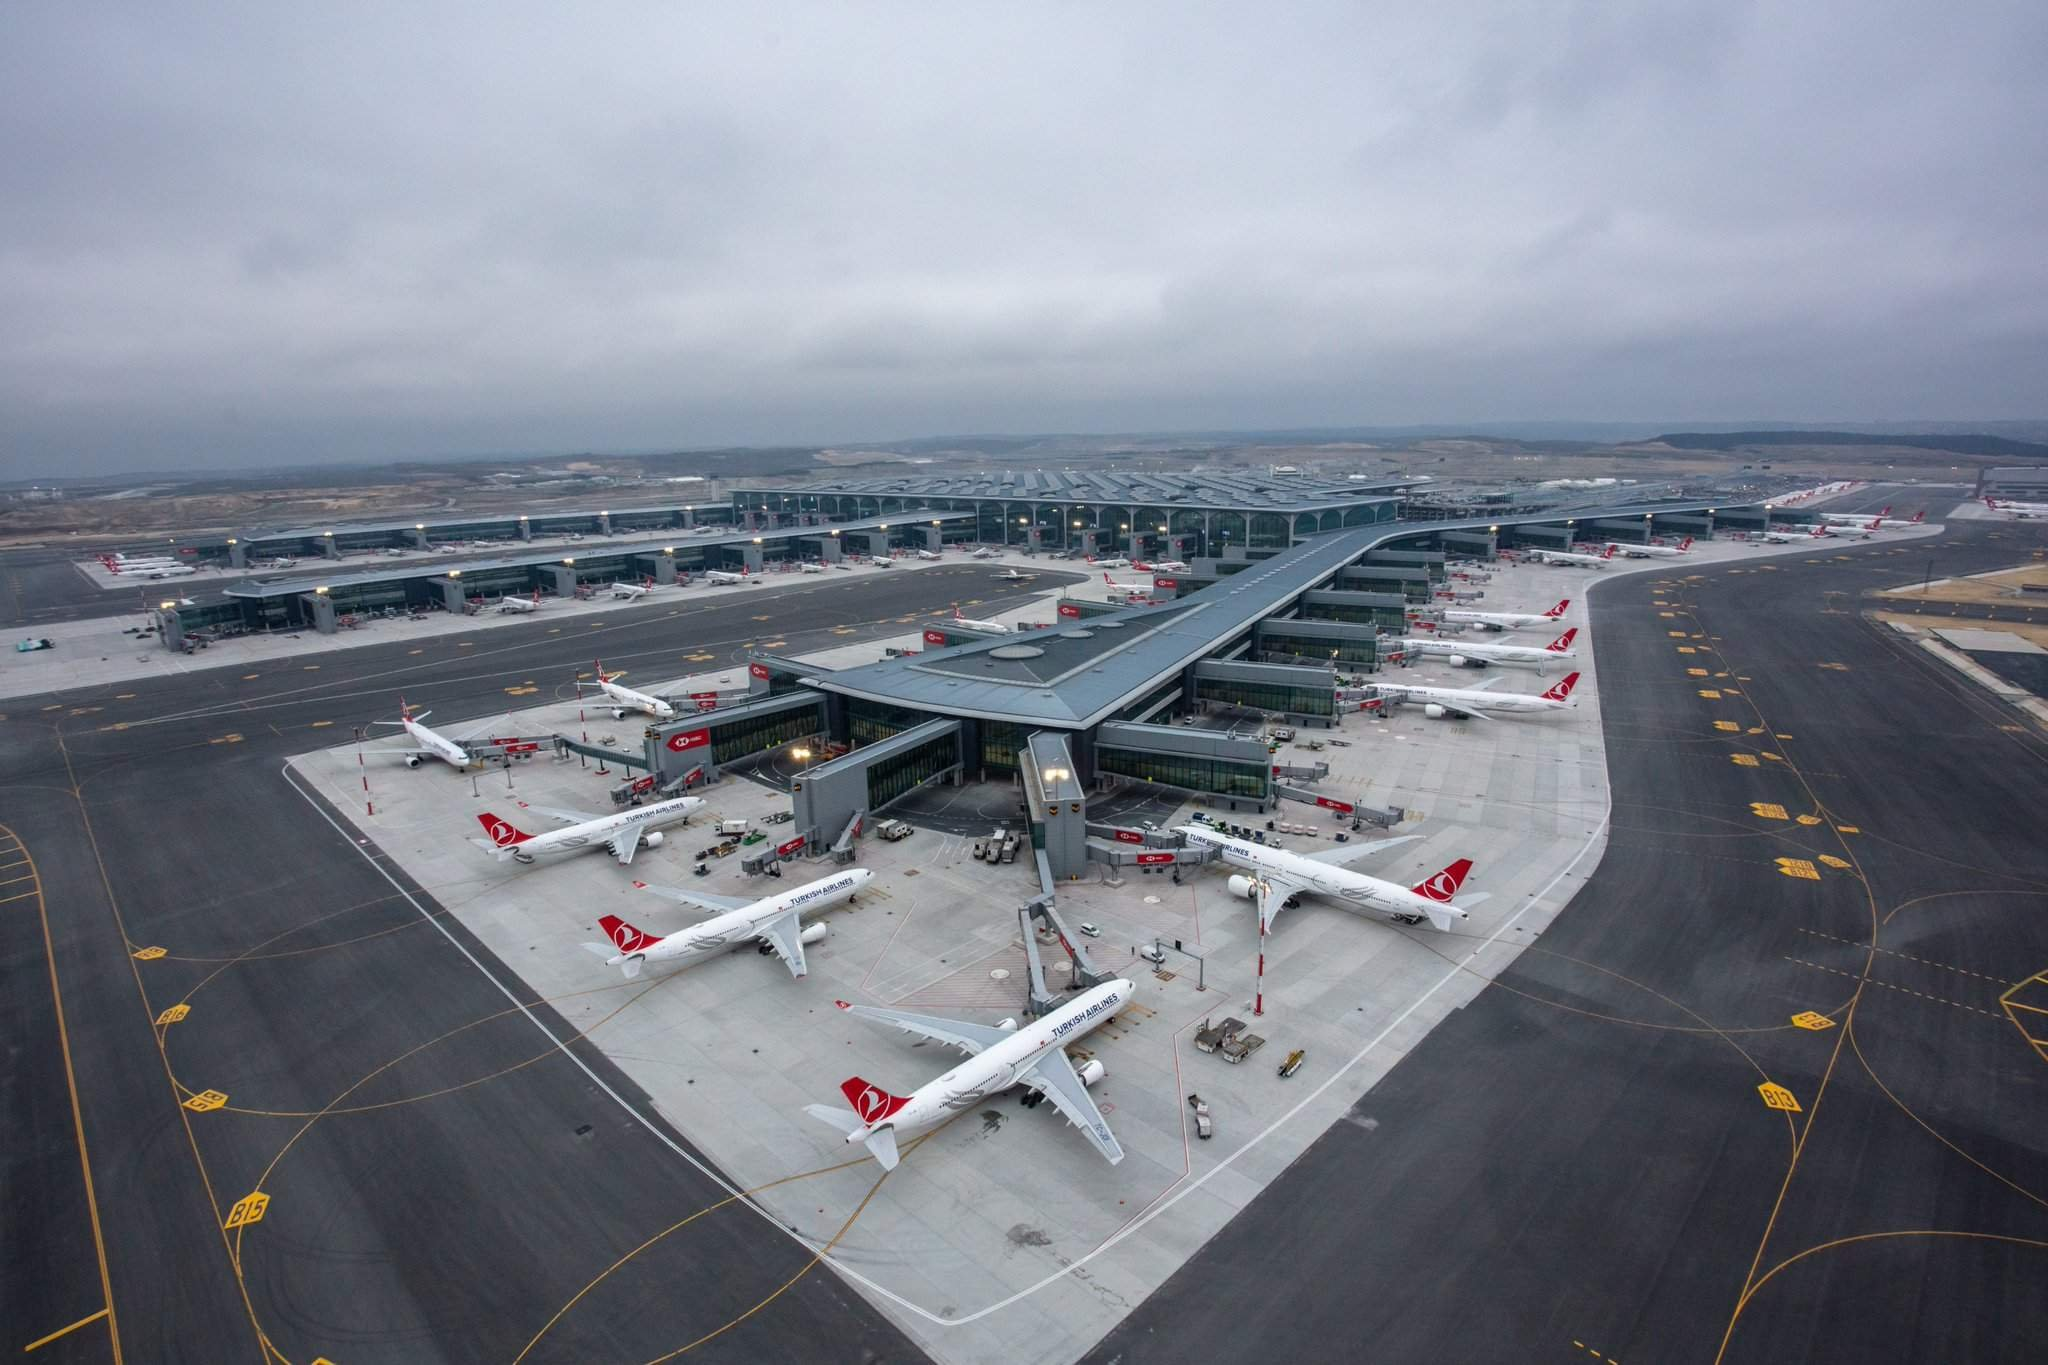 شروط إلغاء أو تأجيل السفر في 20 شركة طيران حول العالم - ترافل يلا